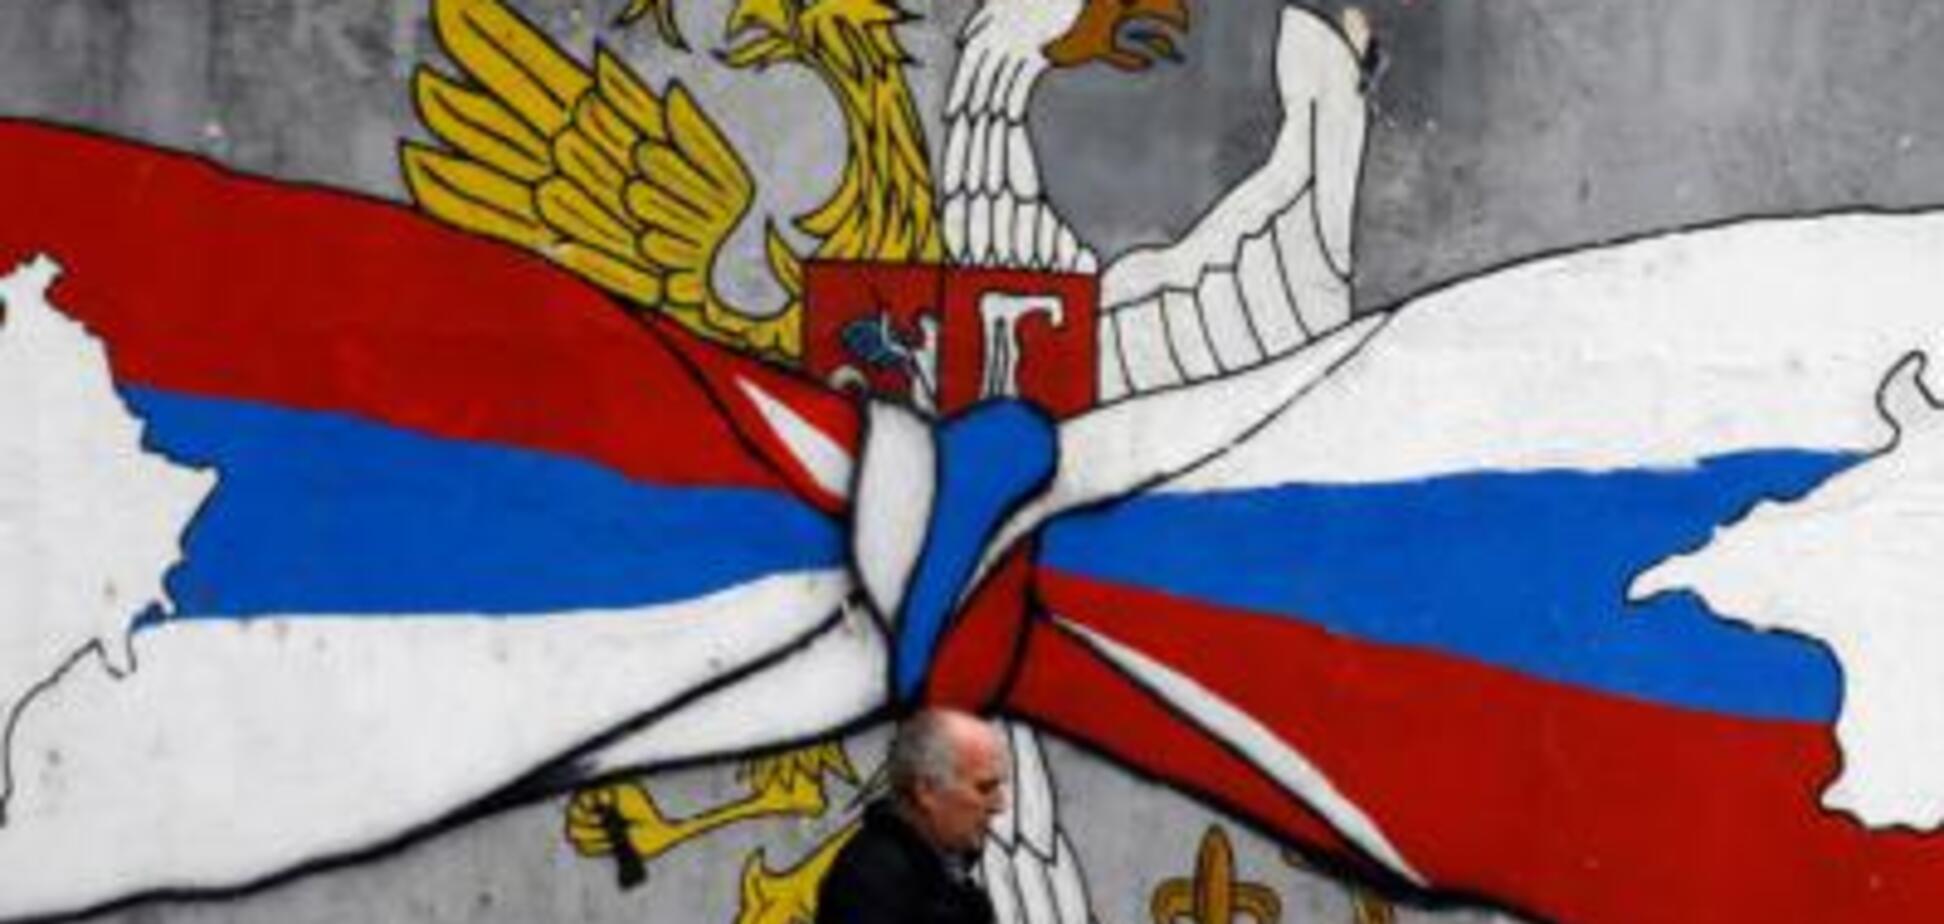 Языковая экспансия Москвы: как 'руссифицировалась' Сербия